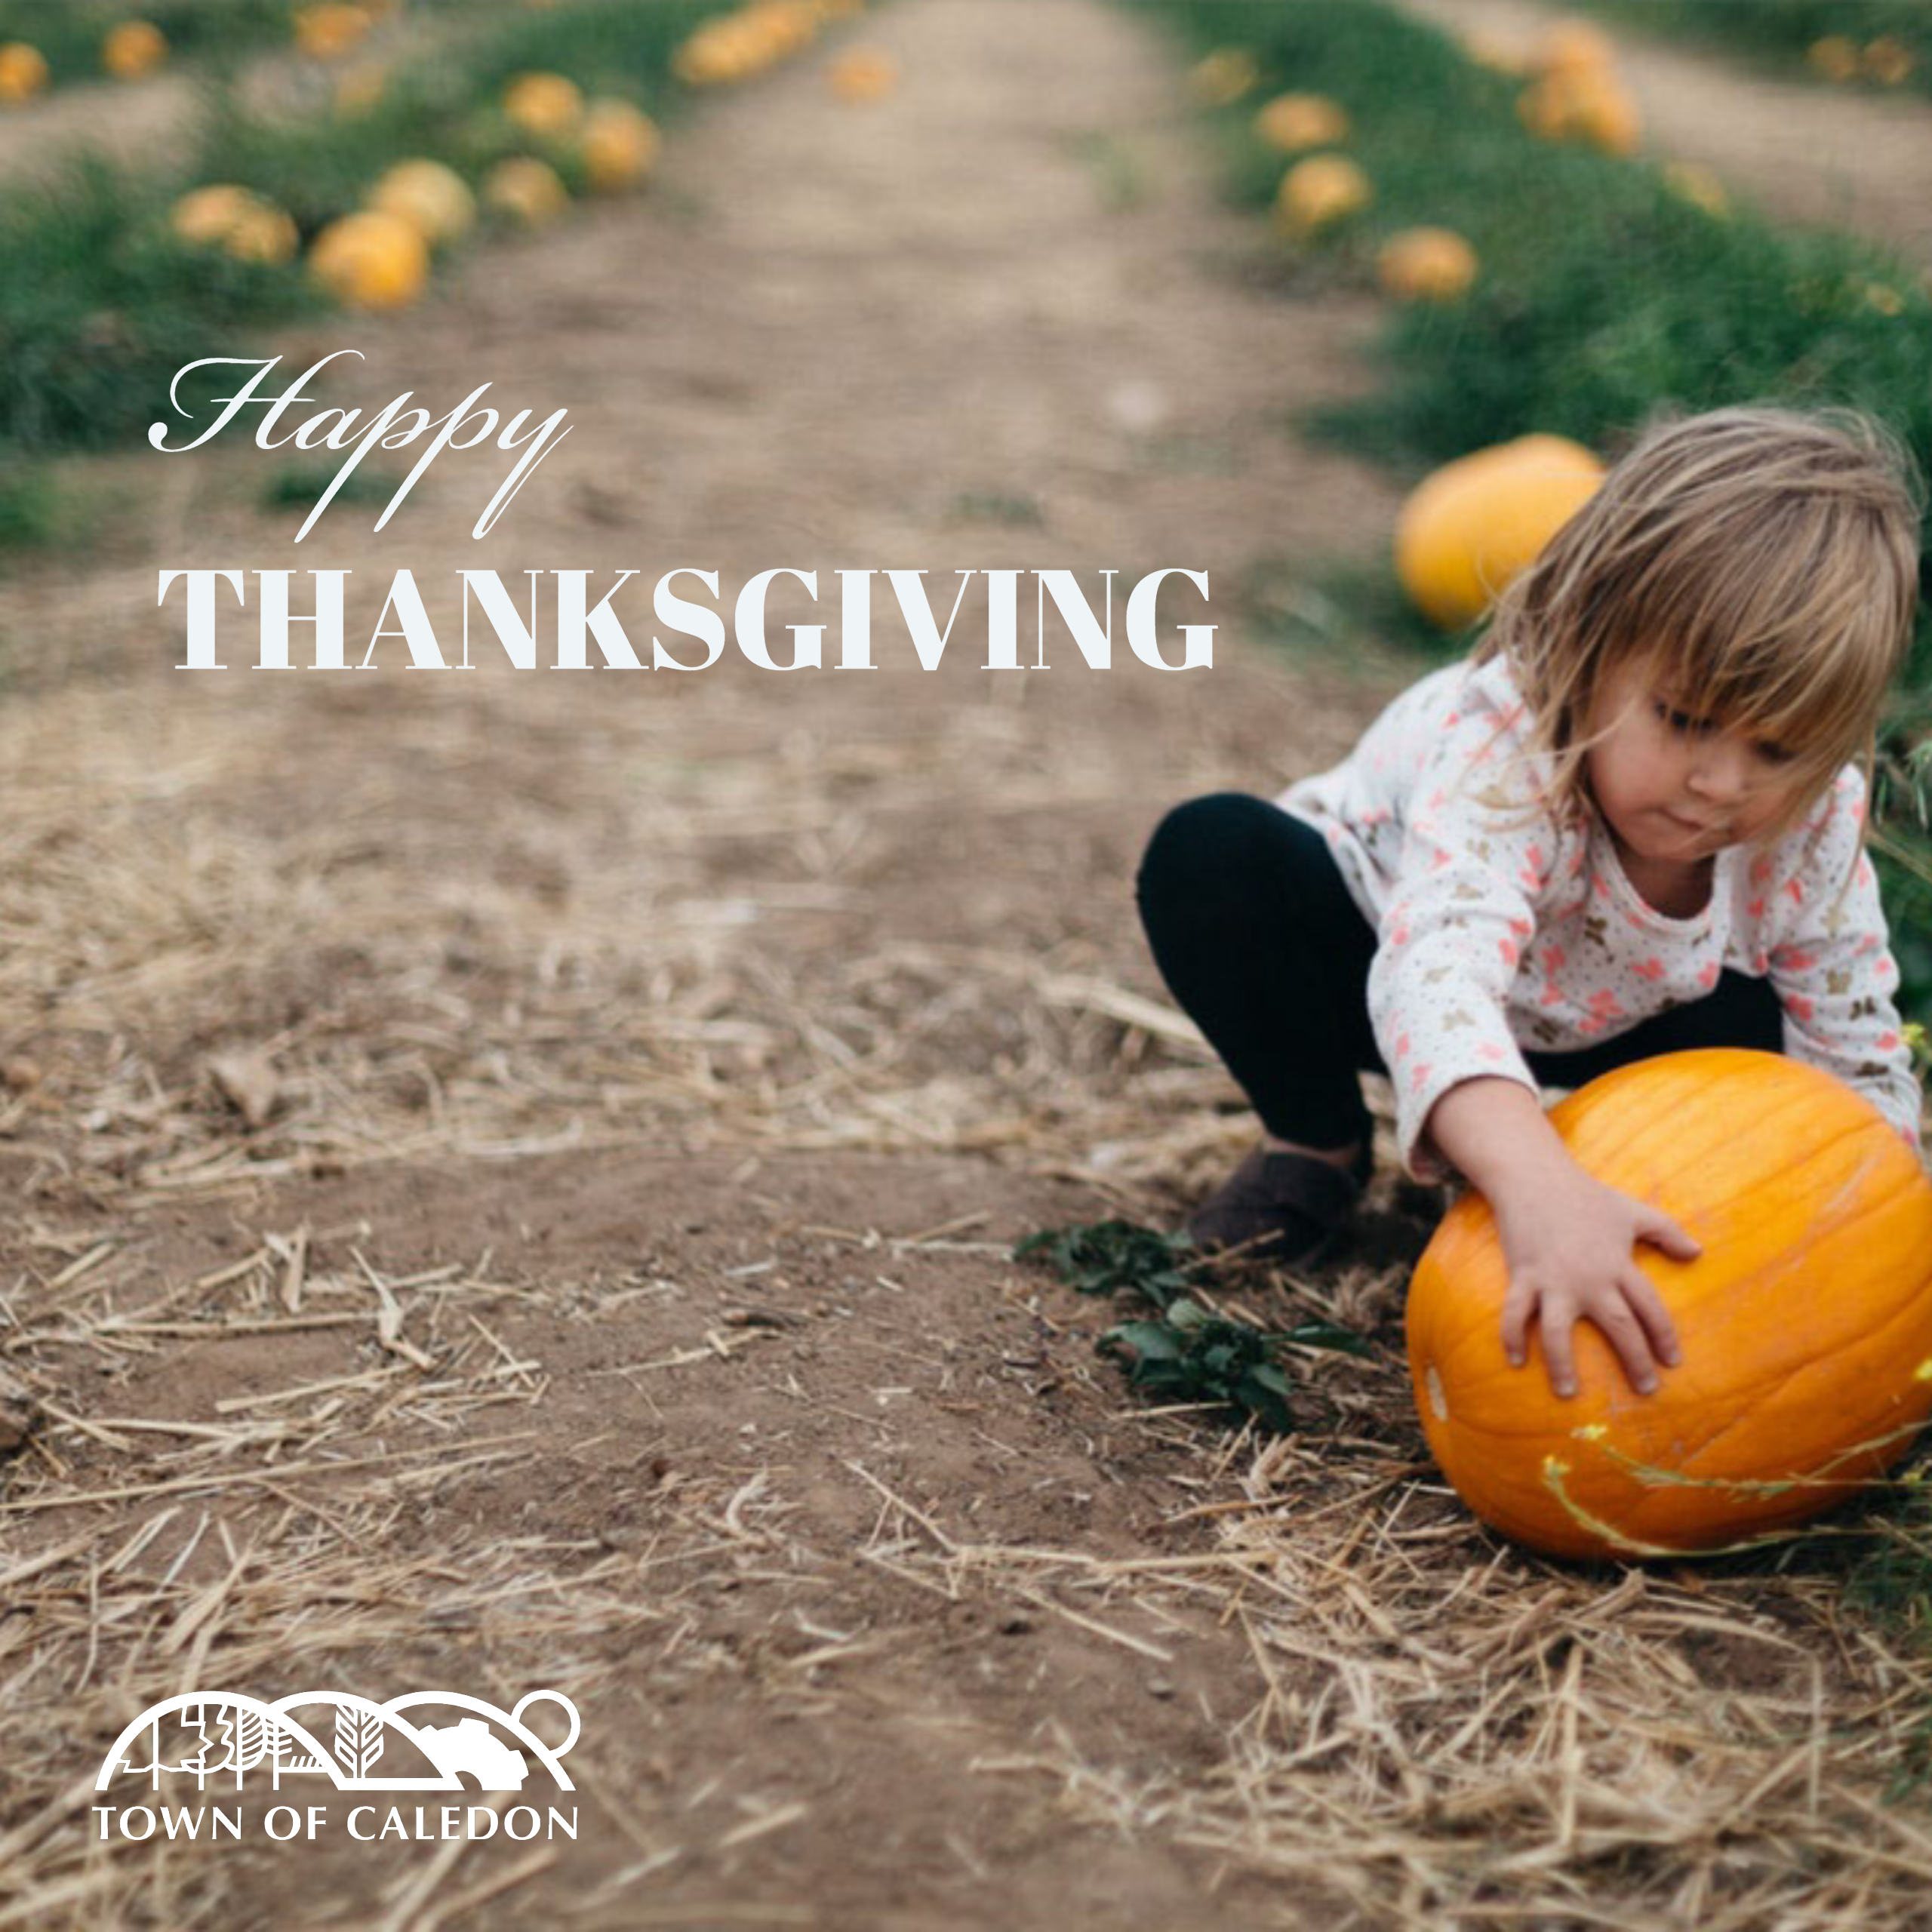 child with pumpkin